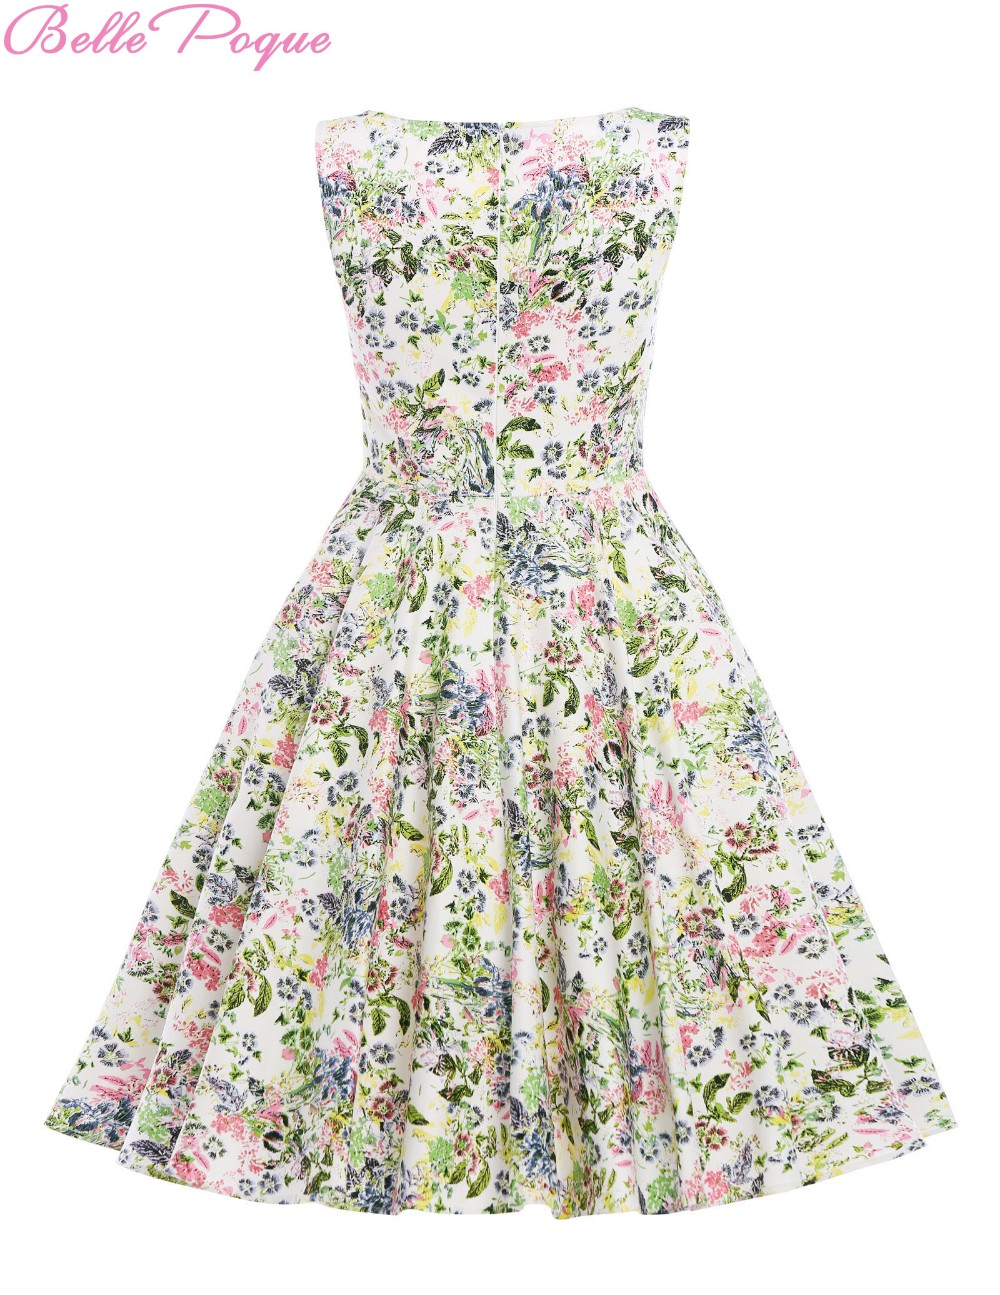 poque wholesale 50s dresses vintage style womens